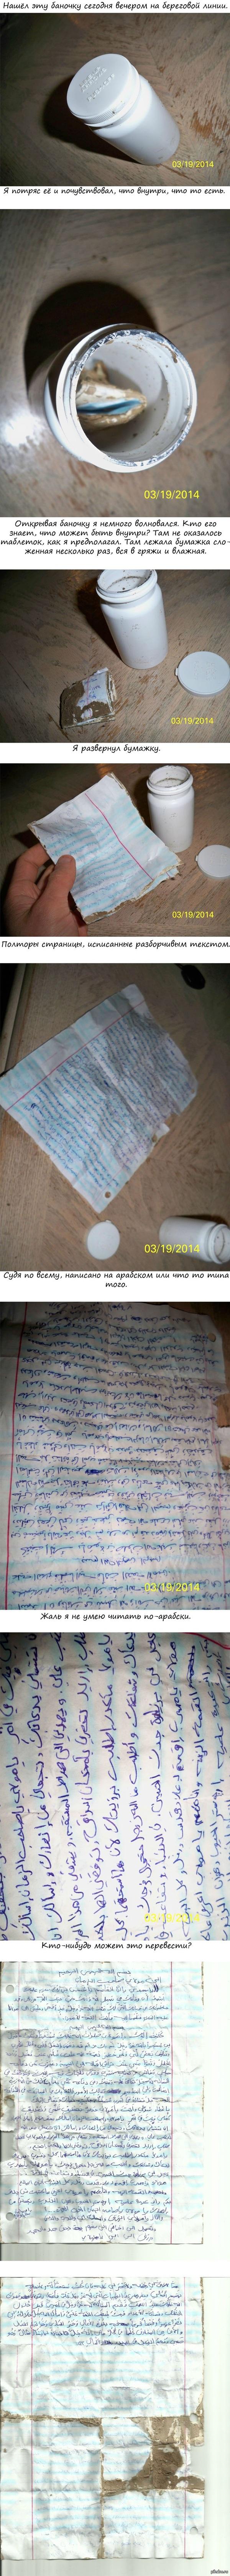 Парень нашёл послание в бутылке. Кто-нибудь может перевести? Дальше с его слов.